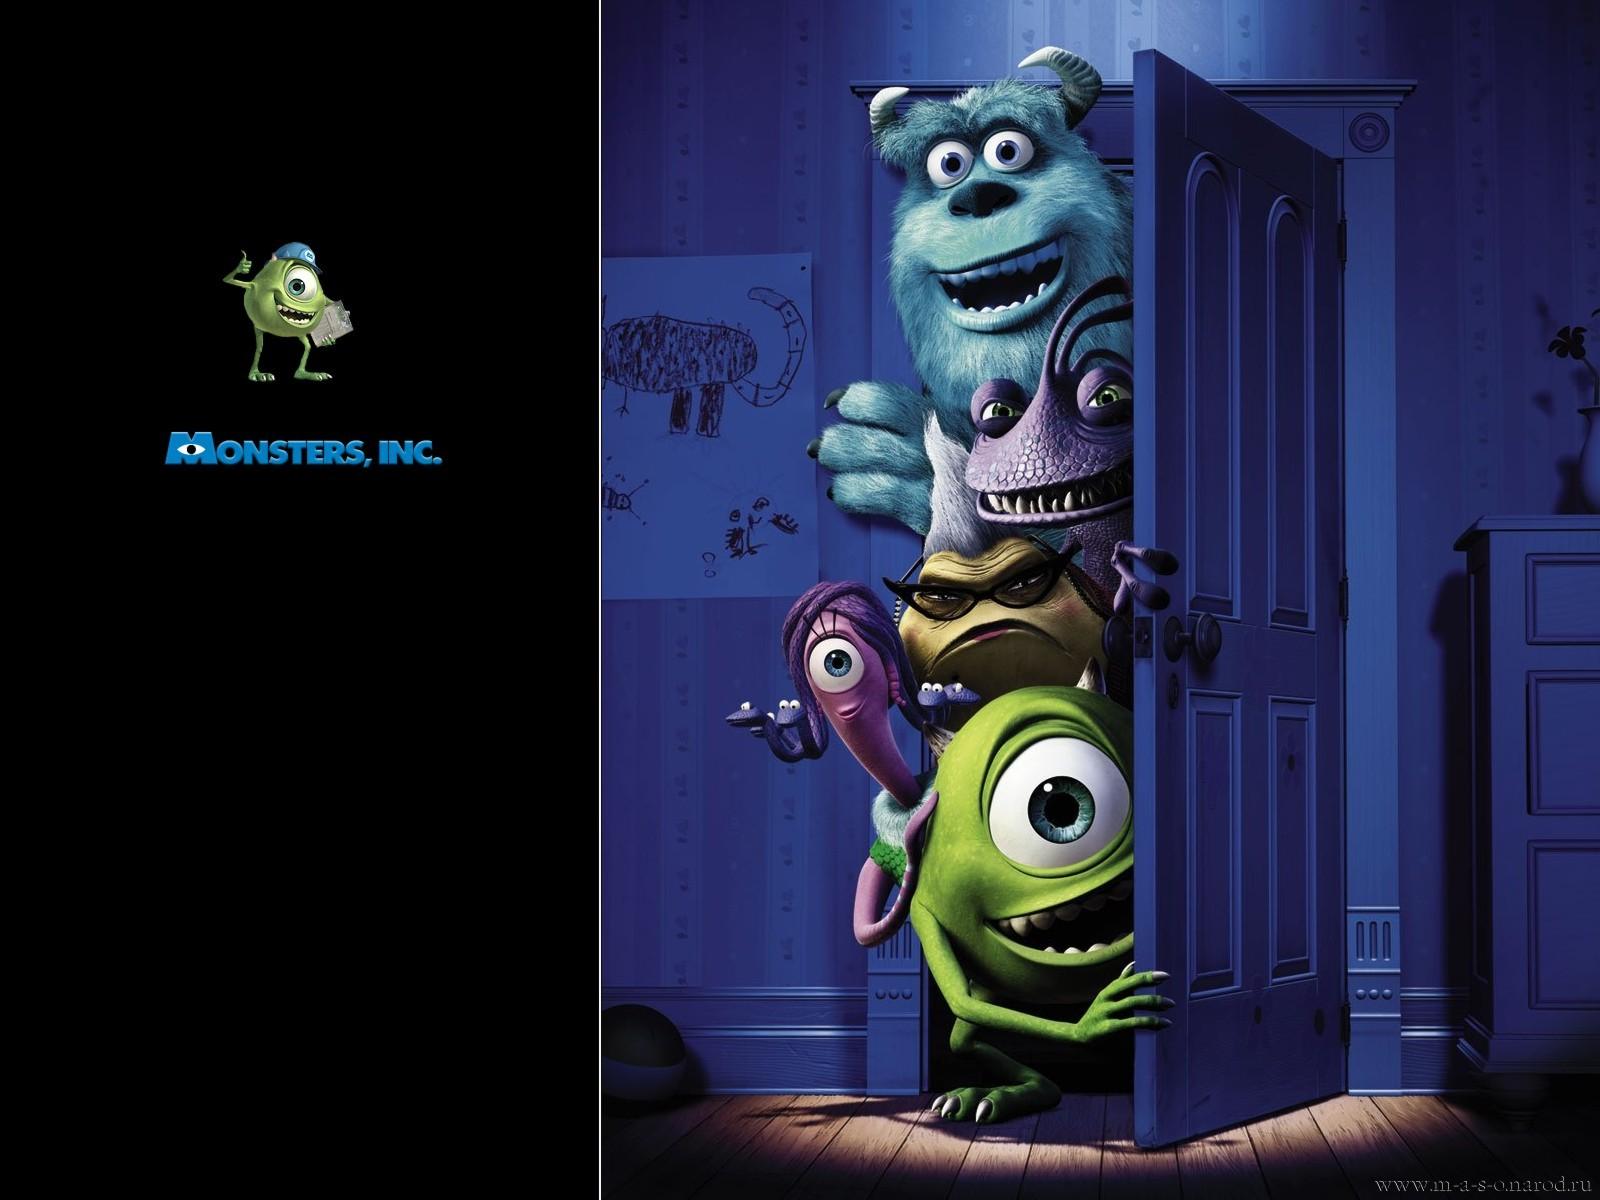 мультфильмы онлайн смотреть бесплатно корпорация монстров: